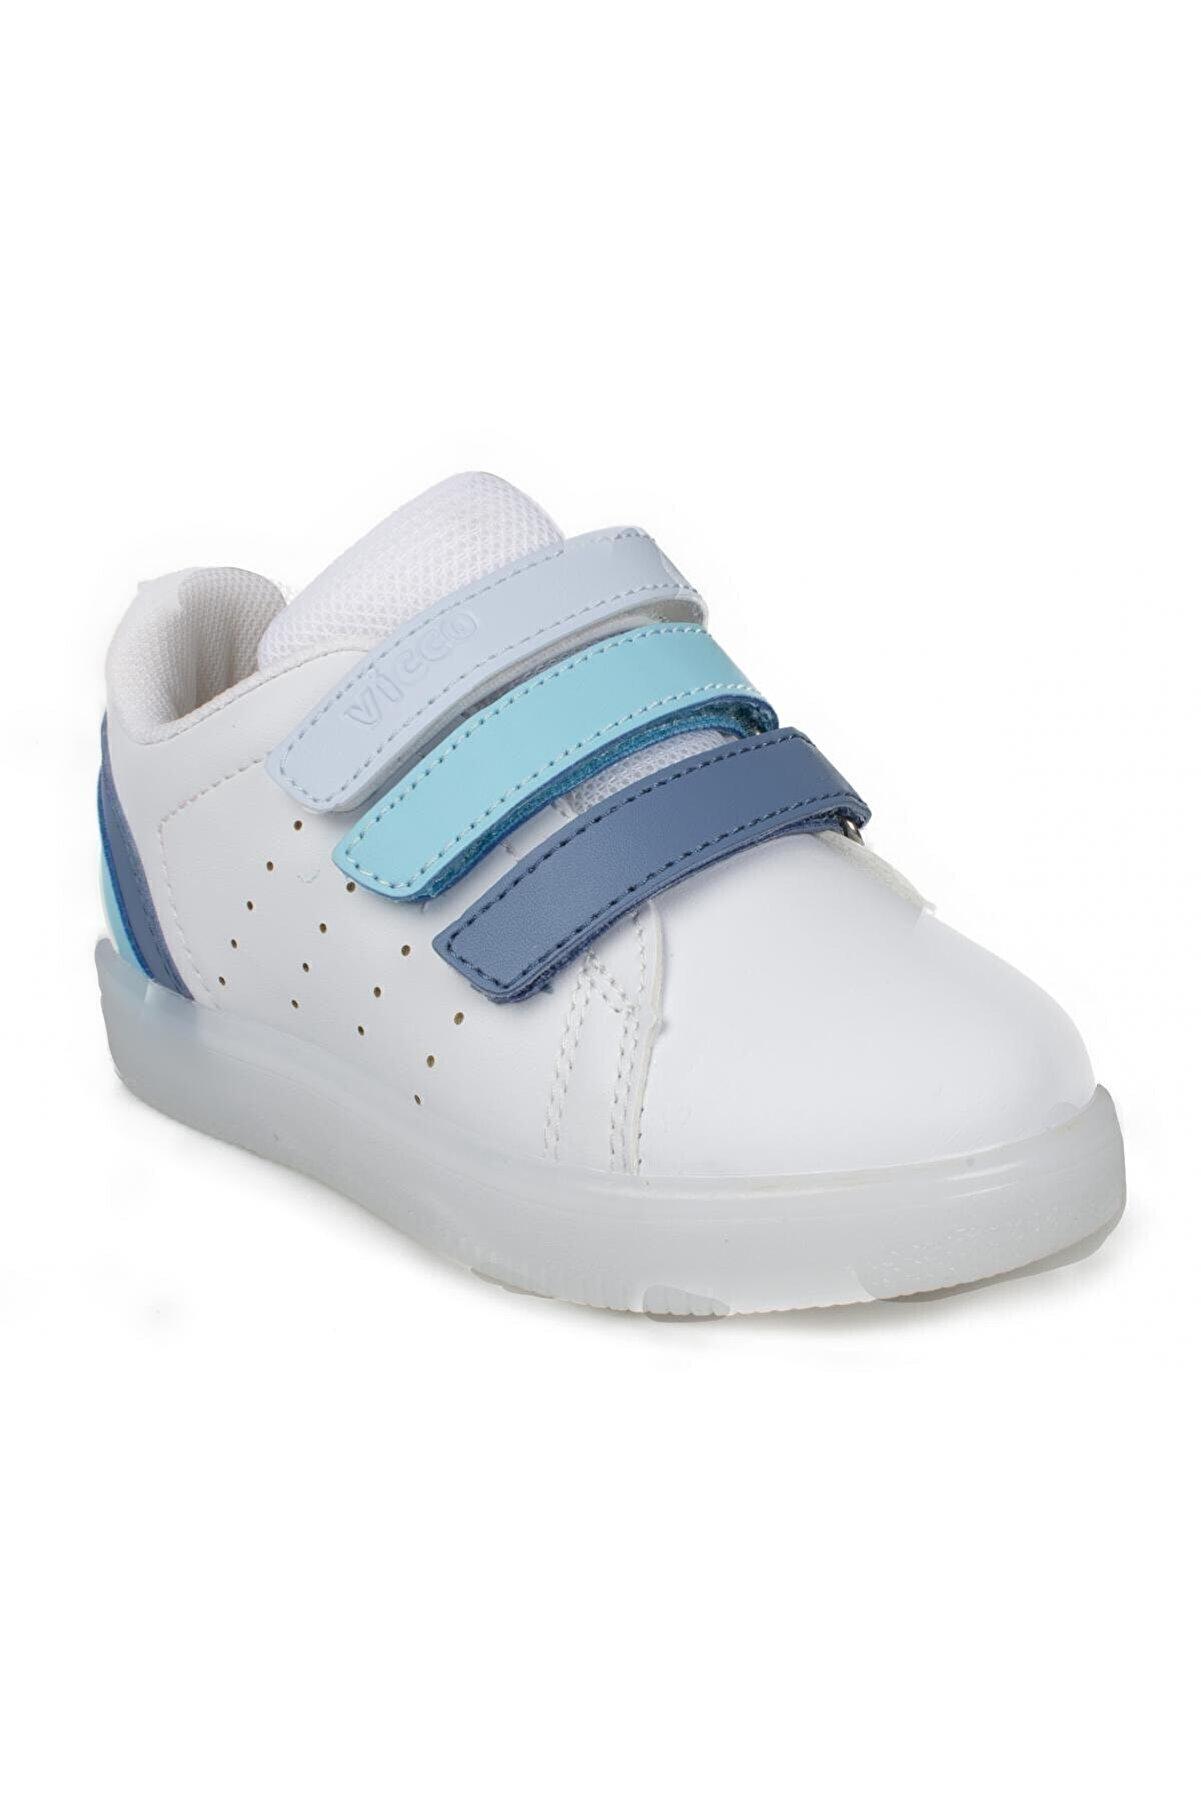 Vicco Çocuk Beyaz Işıklı Ayakkabı 220.b21y212